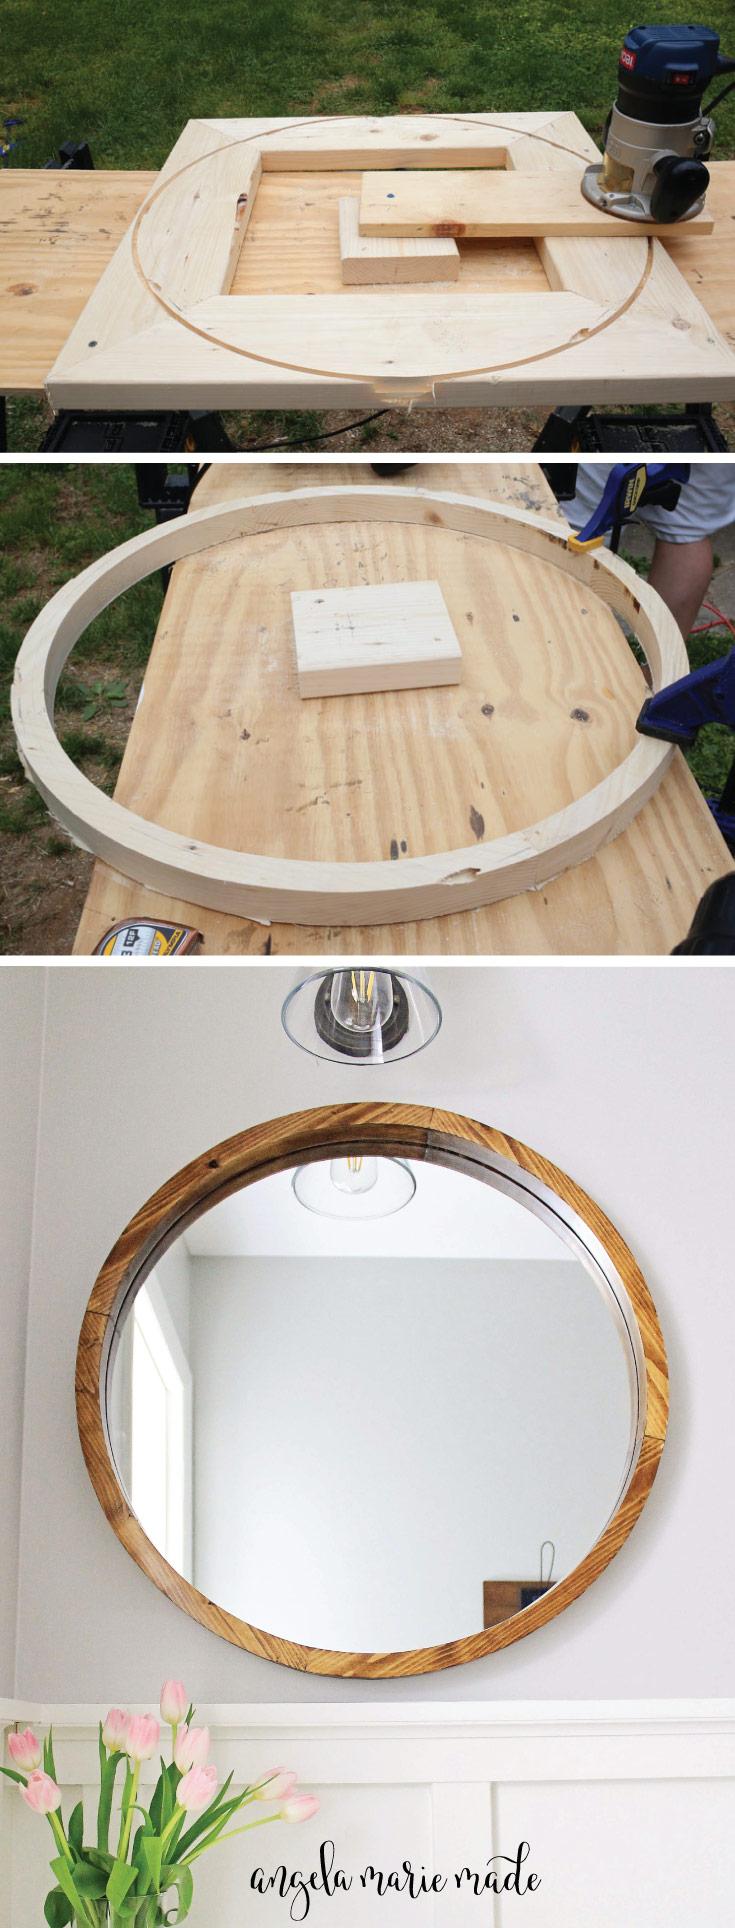 Round Wood Mirror DIY